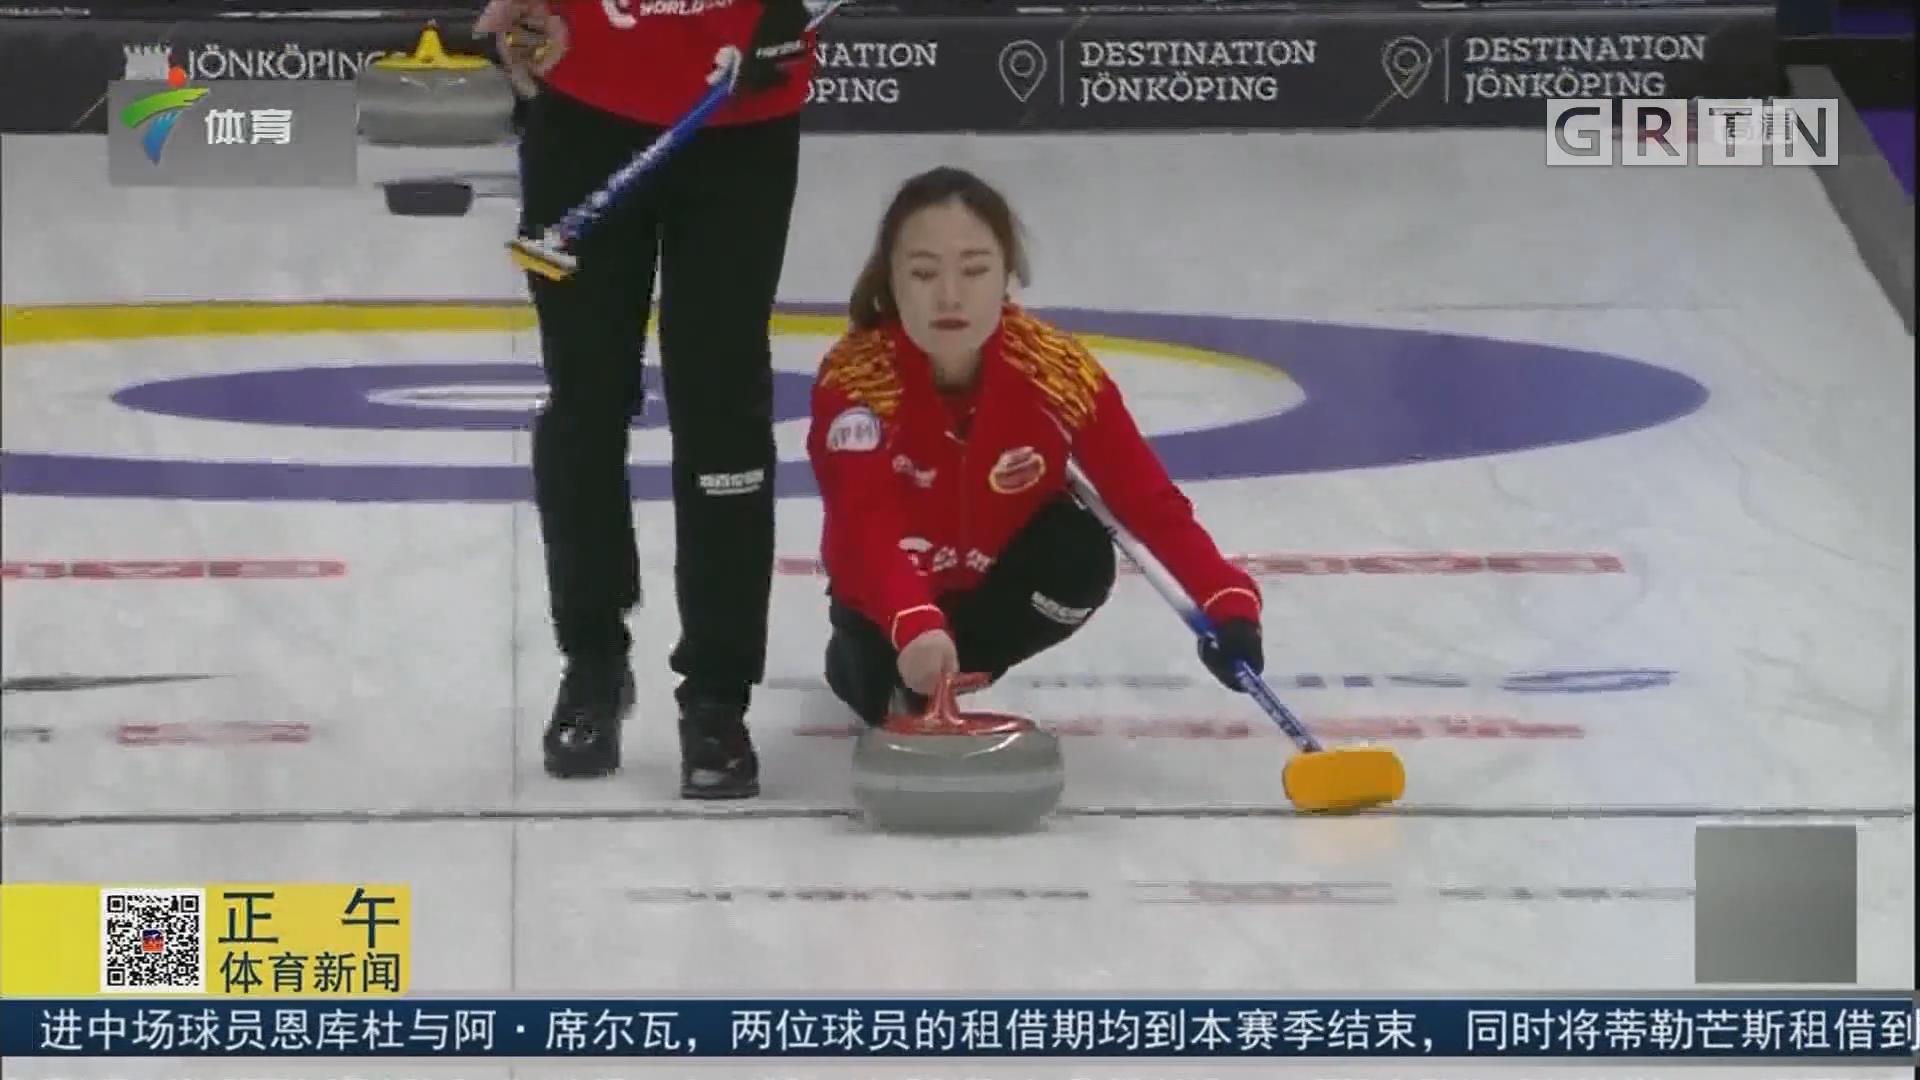 冰壶世界杯瑞典站 中国混双组合一分惜败不敌美国